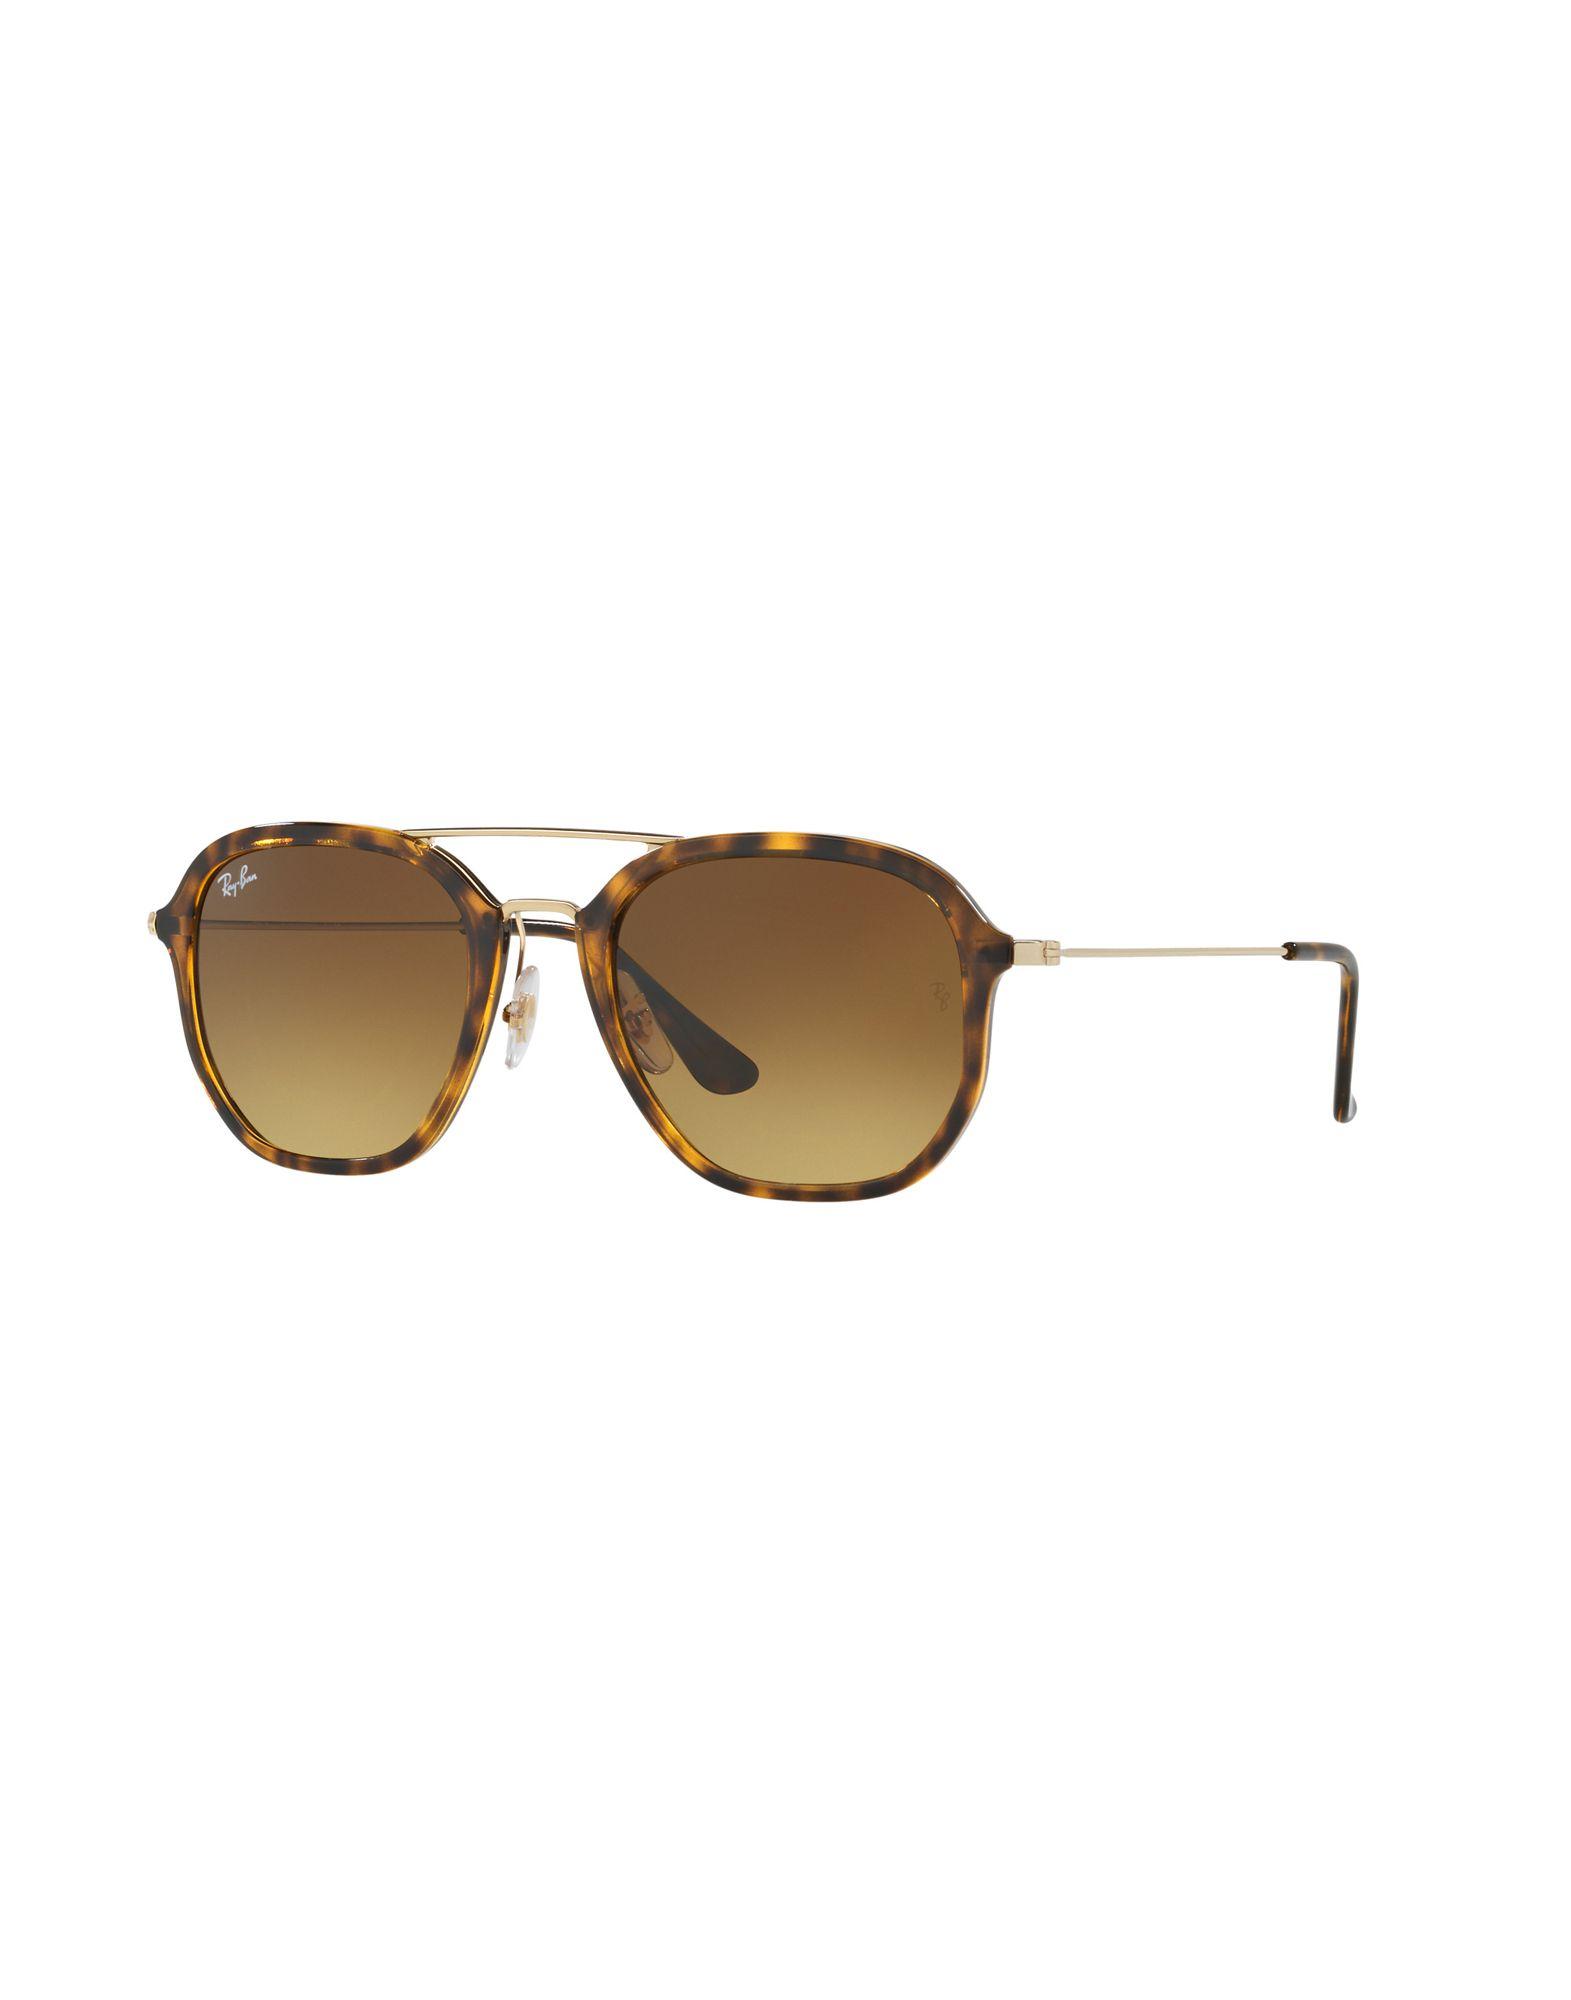 Occhiali Da Sole Ray-Ban Rb4273 - Uomo - Acquista online su